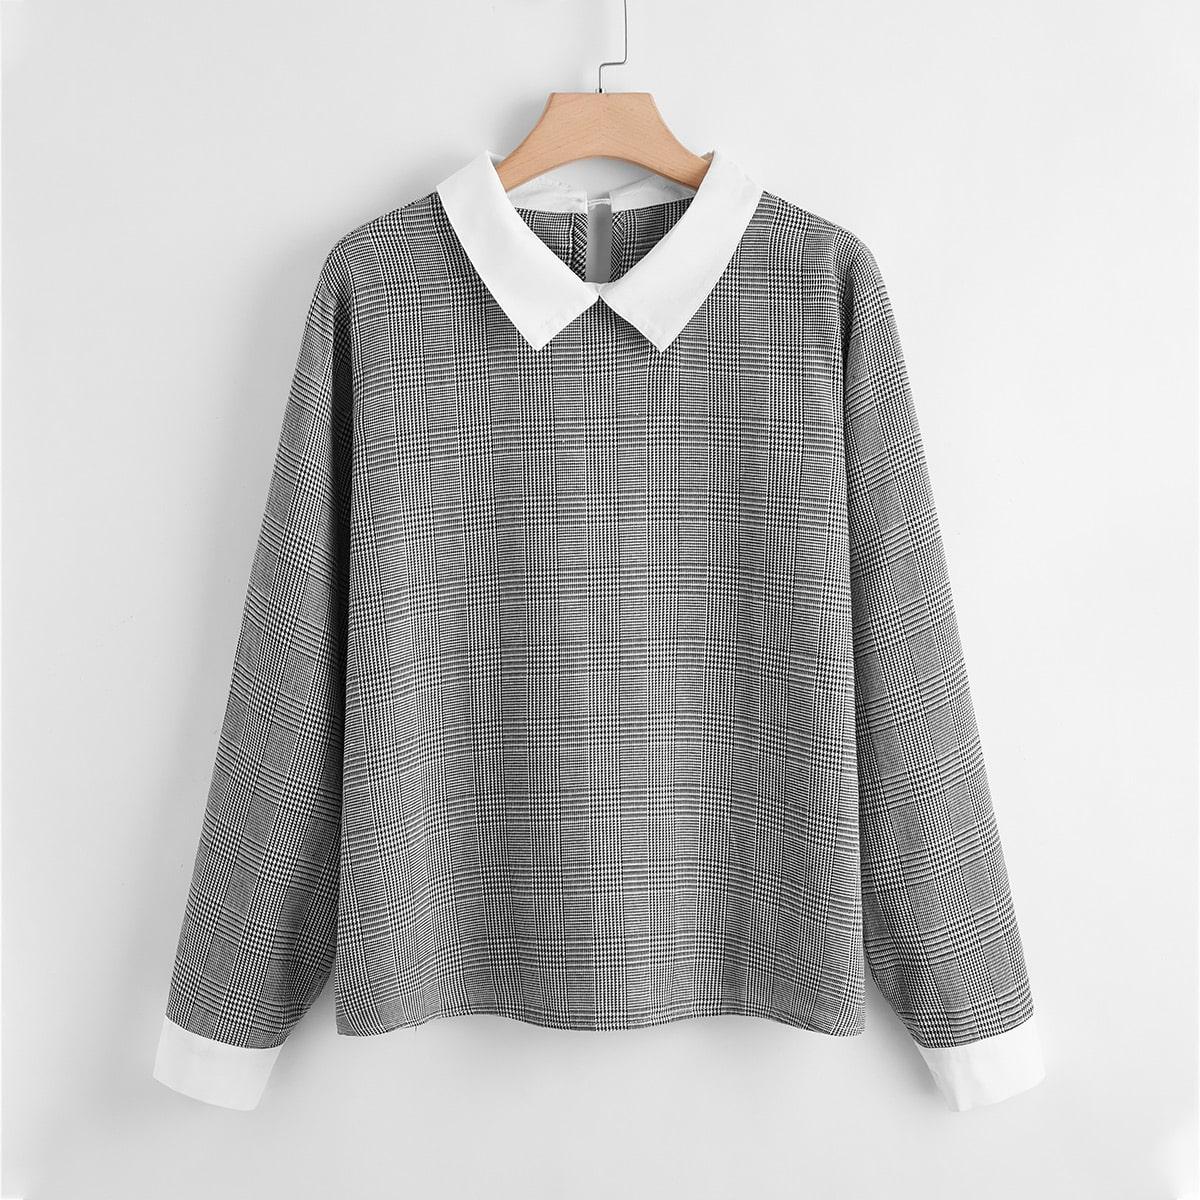 SHEIN / Blusas Extra Grandes Cuello en contraste A cuadros Gris Elegante